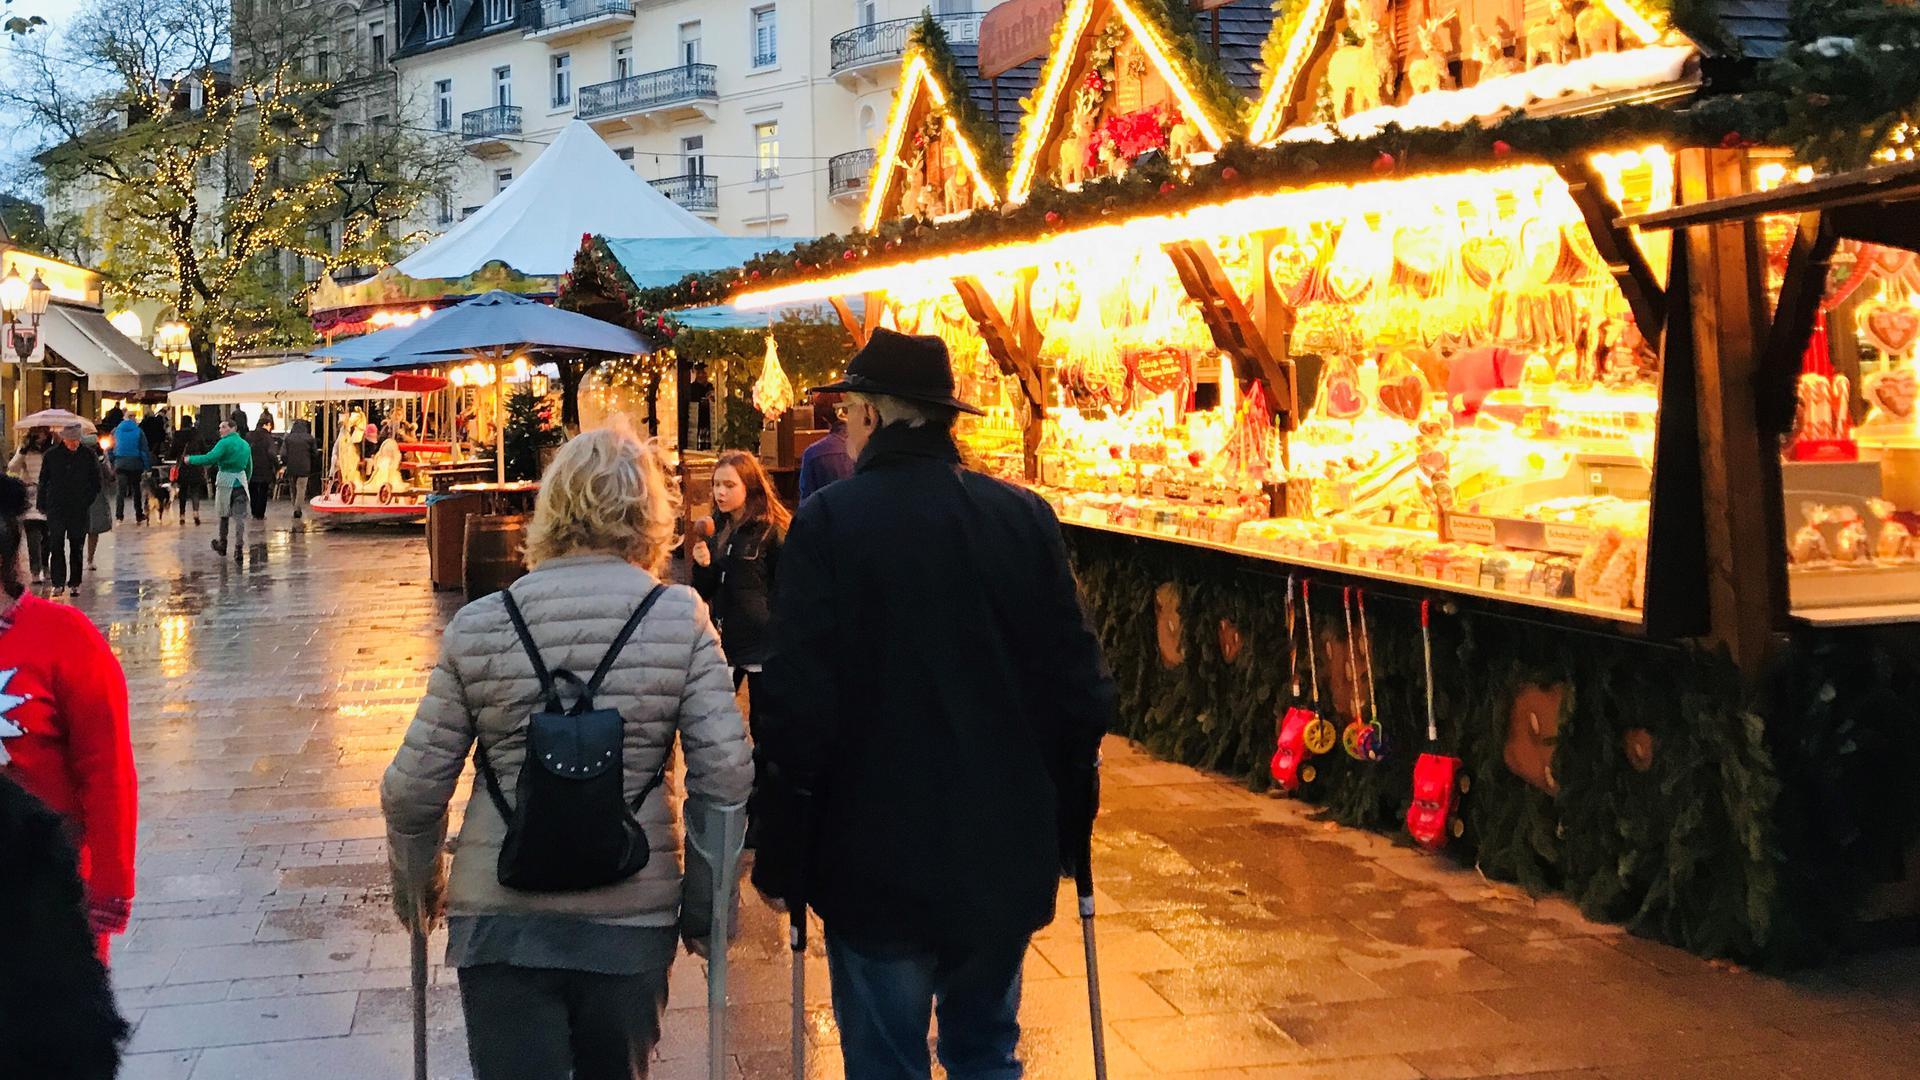 Passanten flanieren auf der Fieser-Brücke in Baden-Baden an Ständen des Christkindelsmarktes vorbei.